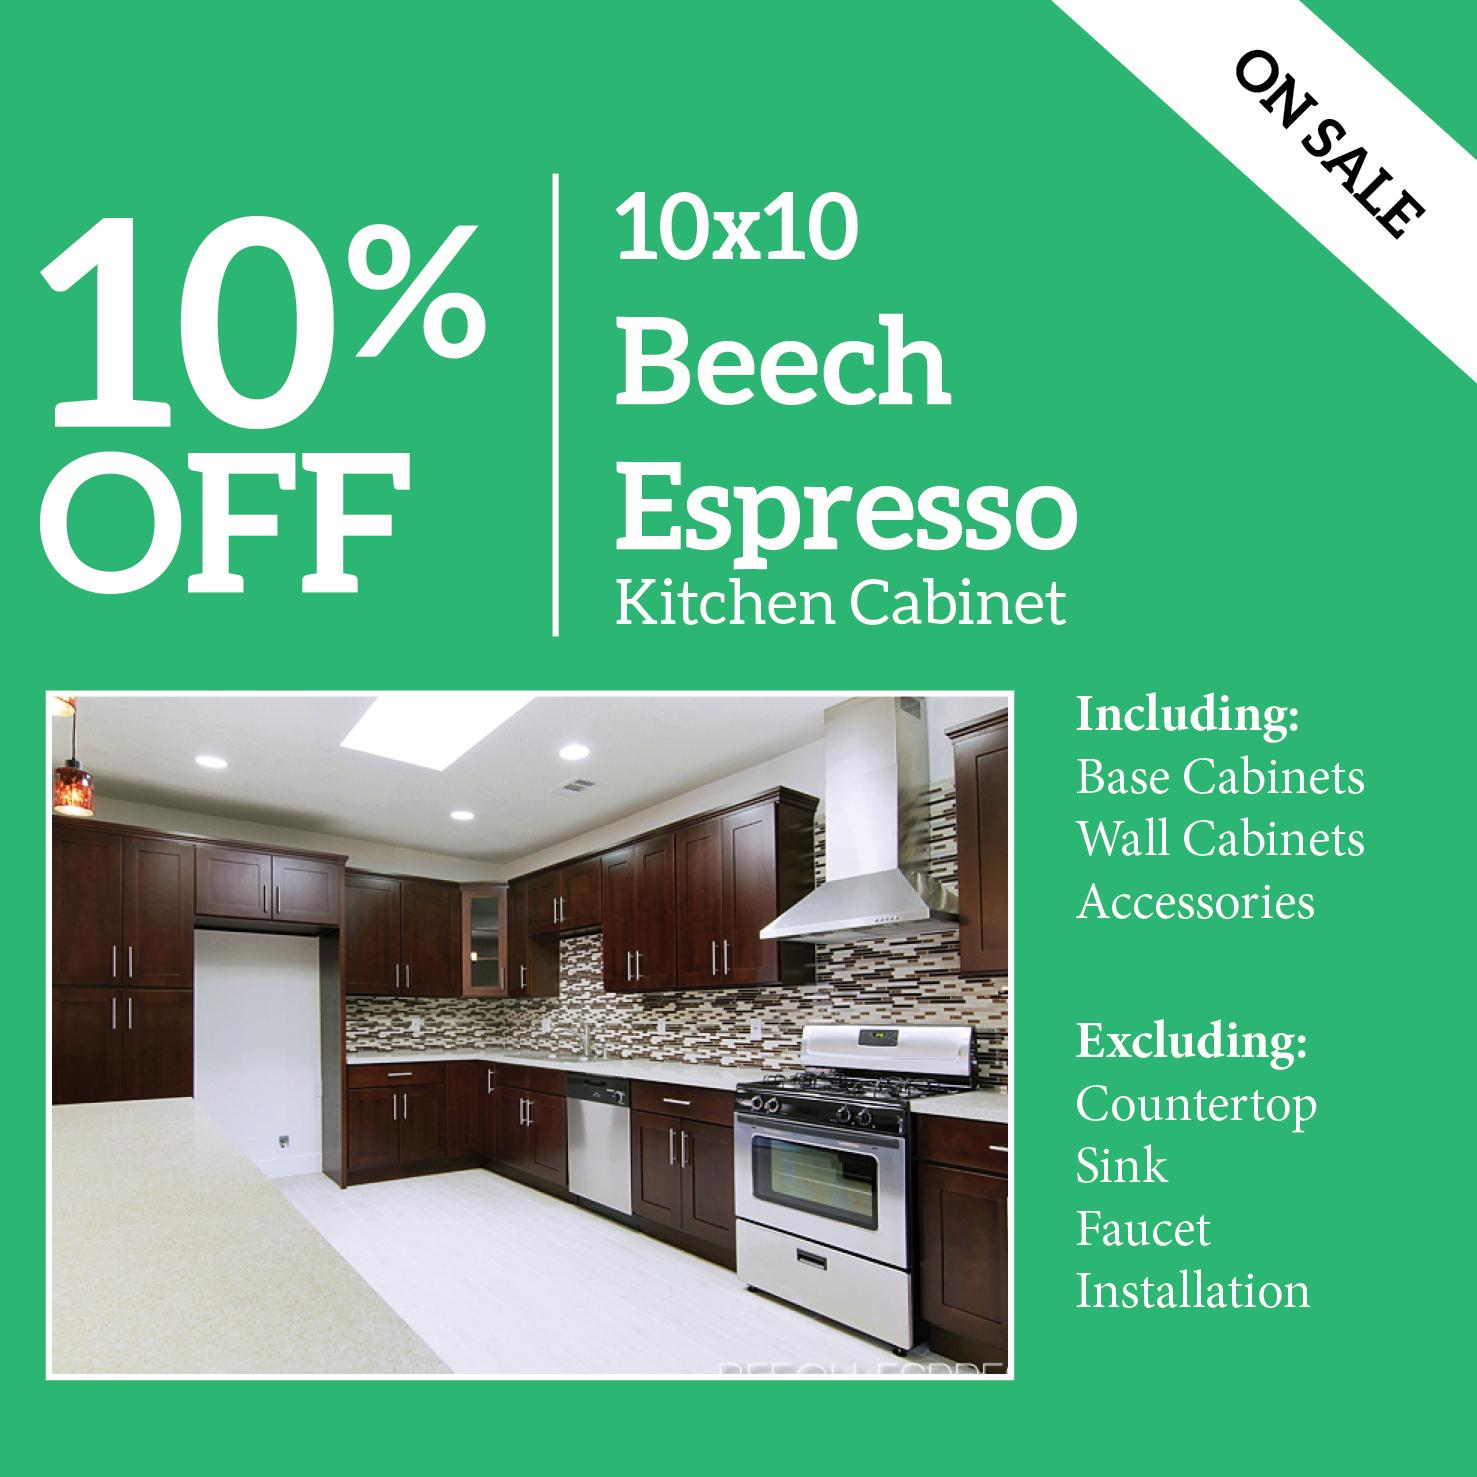 Greencastle Beech Espresso